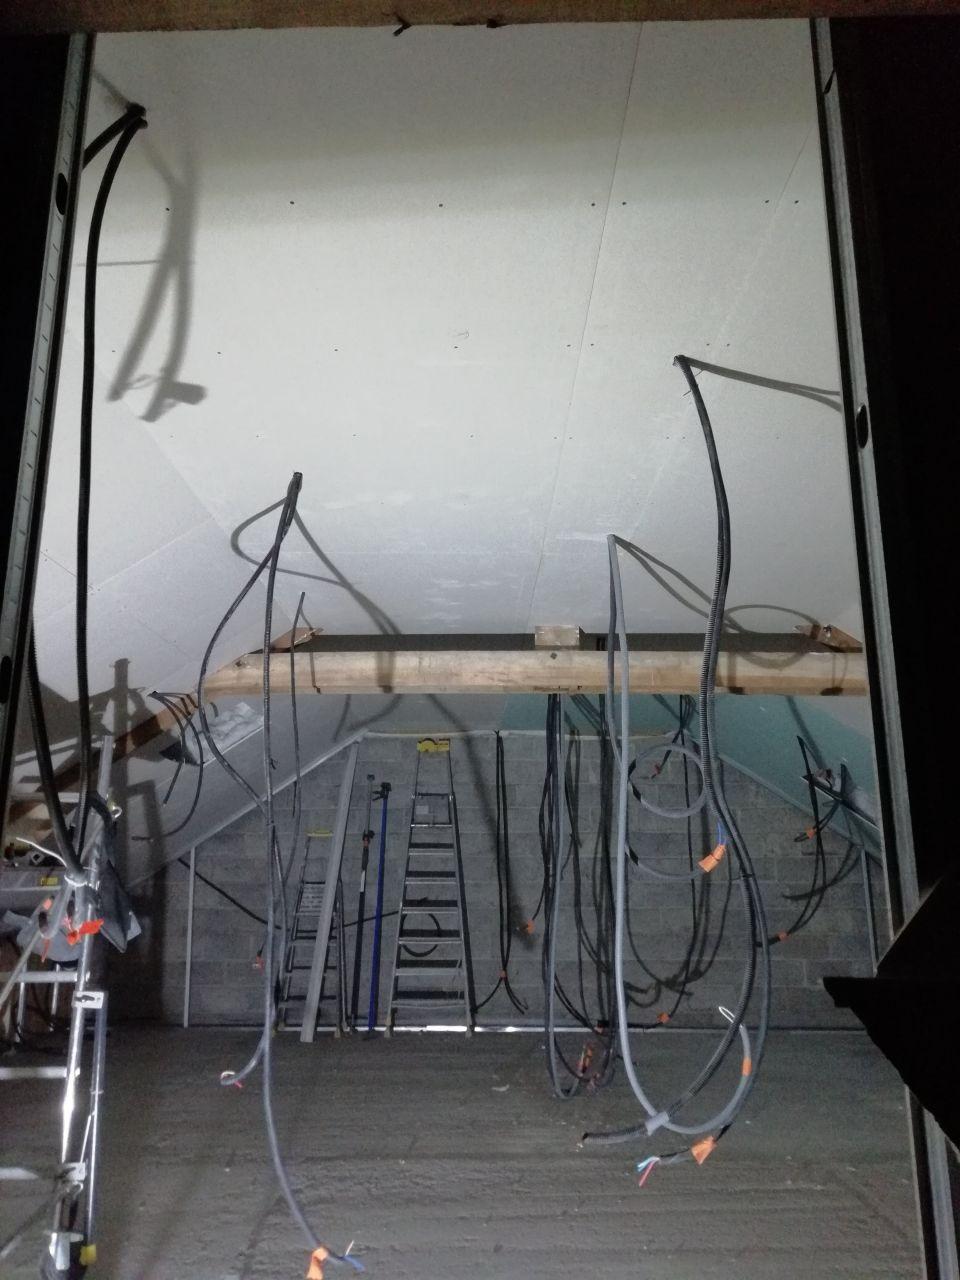 Passage de tous les cables elec - Plafond descendu au niveau des chambres